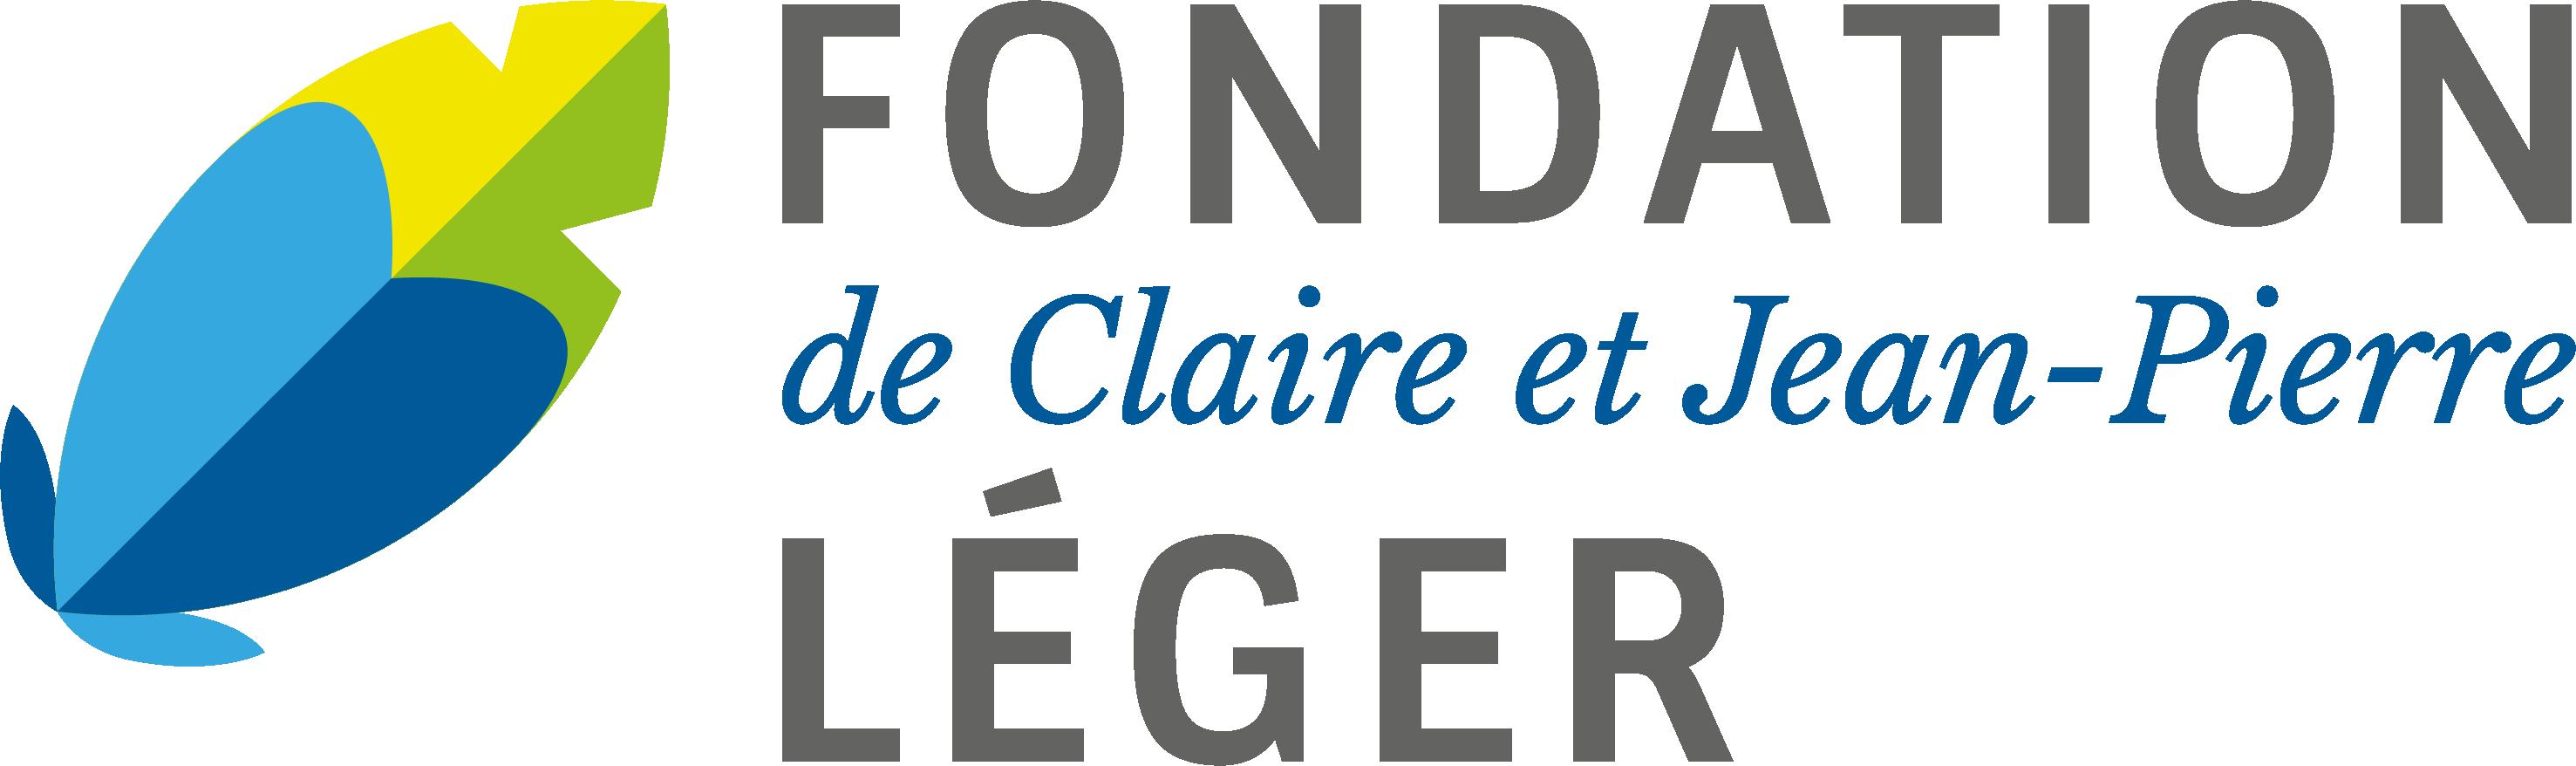 Fondation de Claire et Jean-Pierre Léger